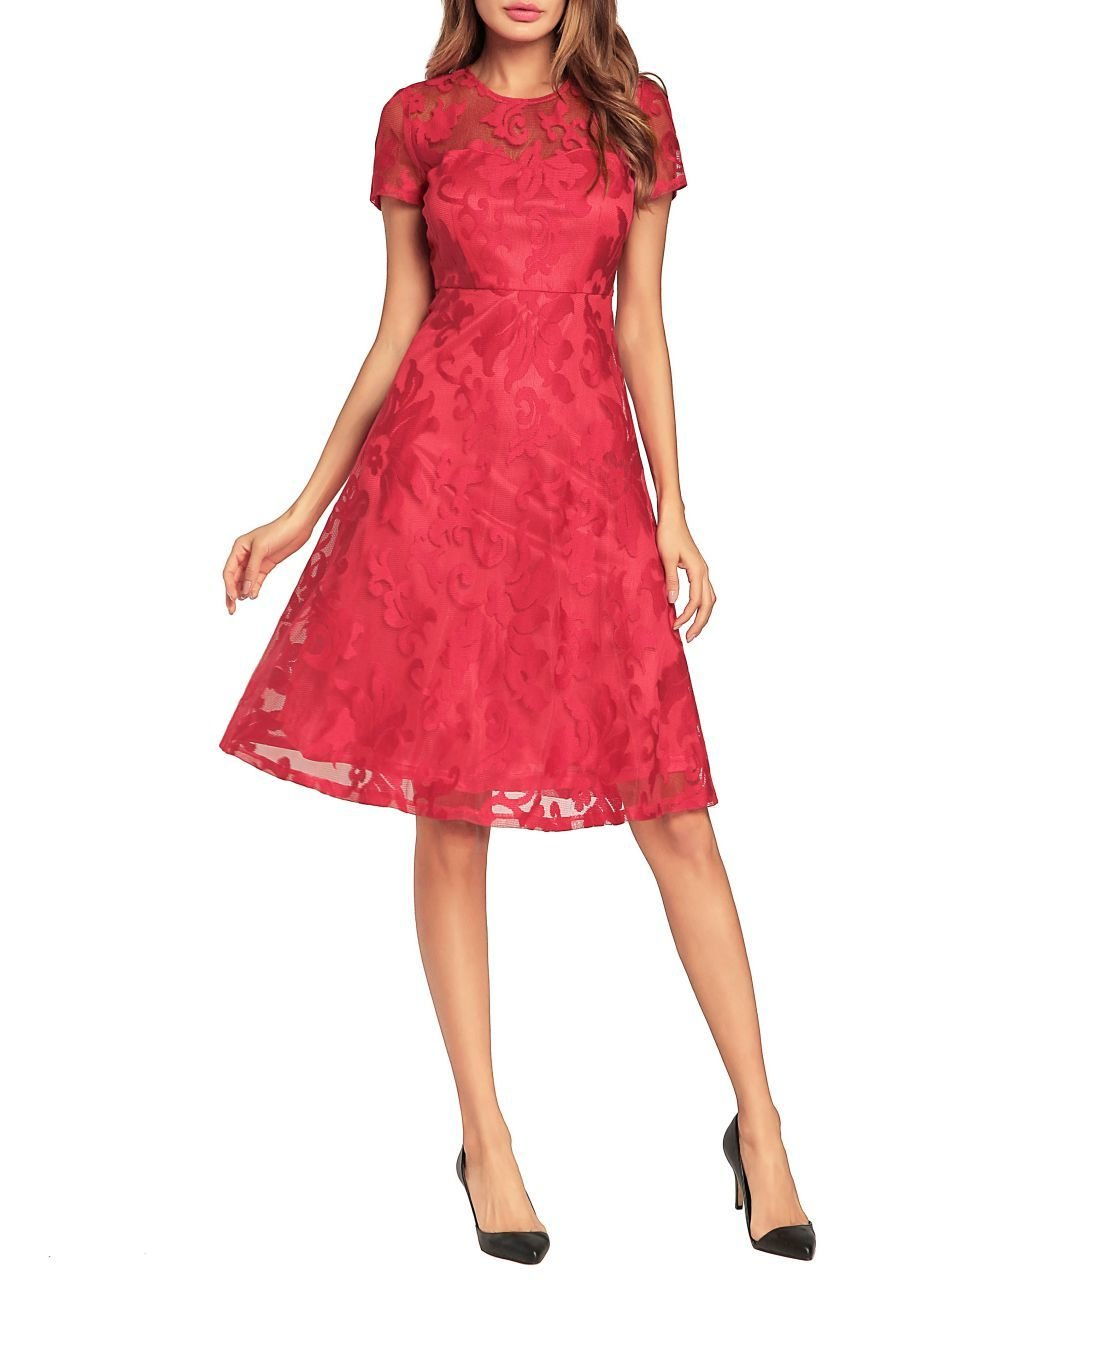 Vintage Lace Empire Dresses for Women